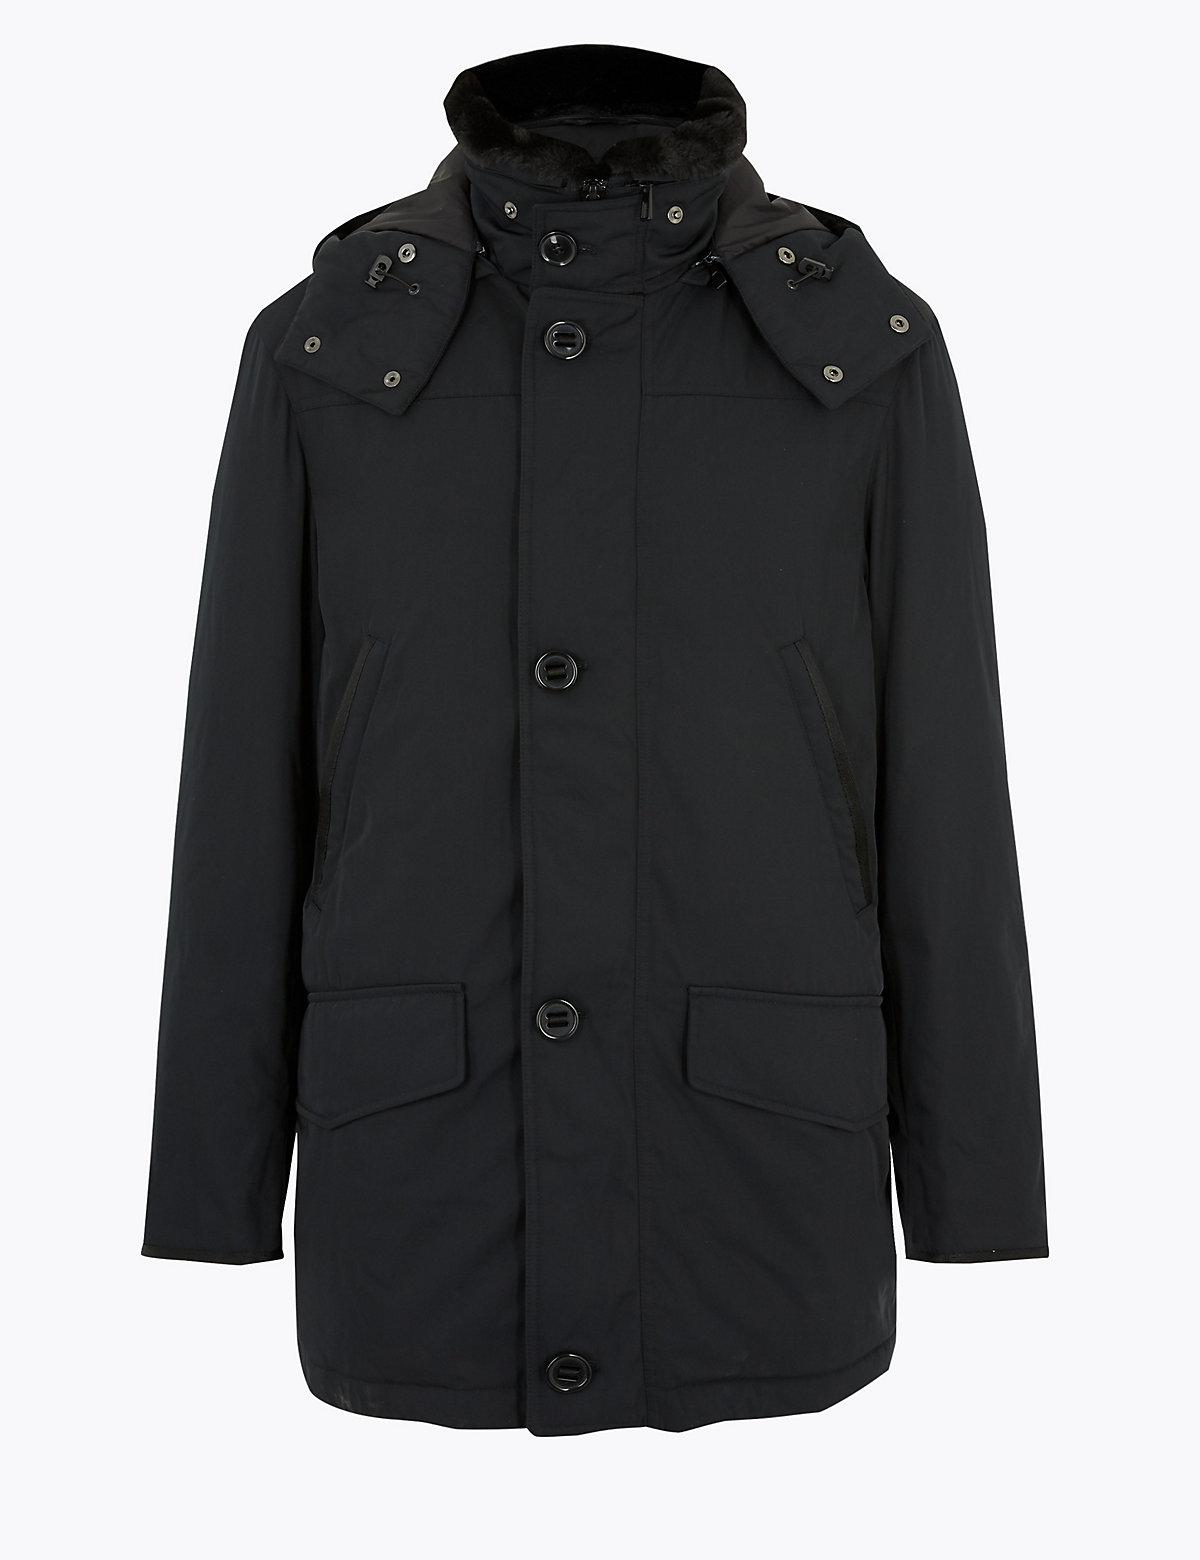 Куртка-парка из пуха и пера с отделкой Stormwear ™